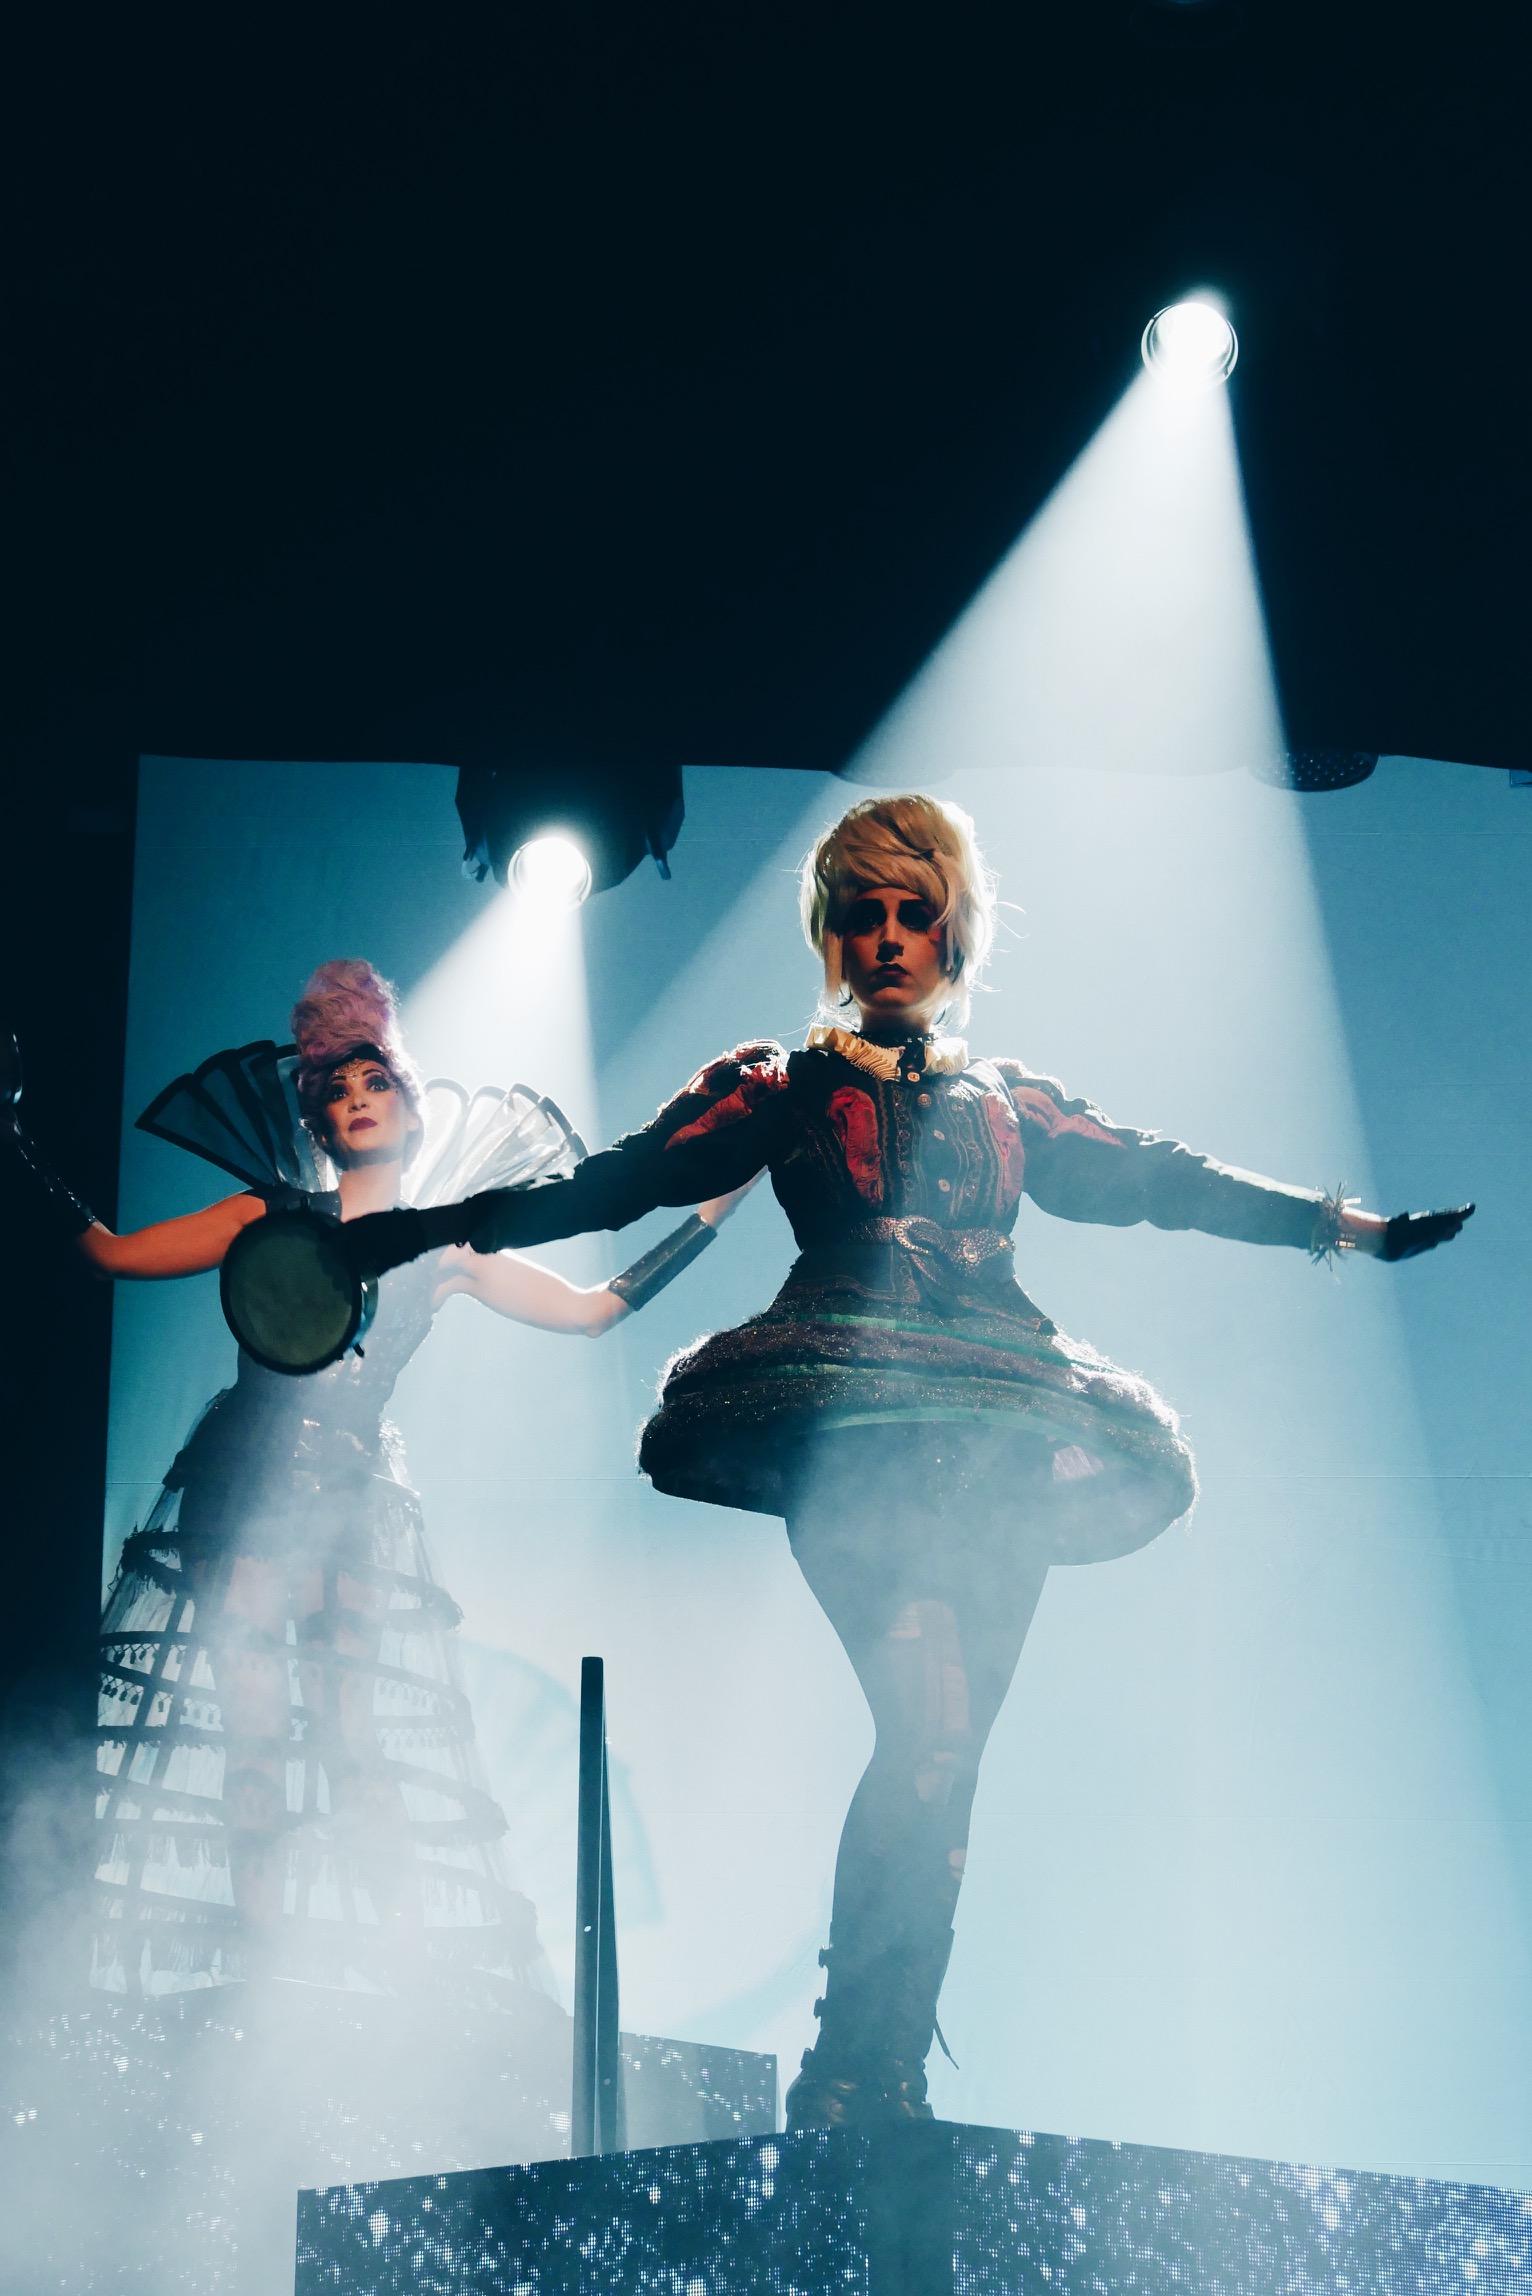 Marie-Menand-Diva-opéra-spectacle-chanteuse-lyrique-photo-scène-usofparis-blog